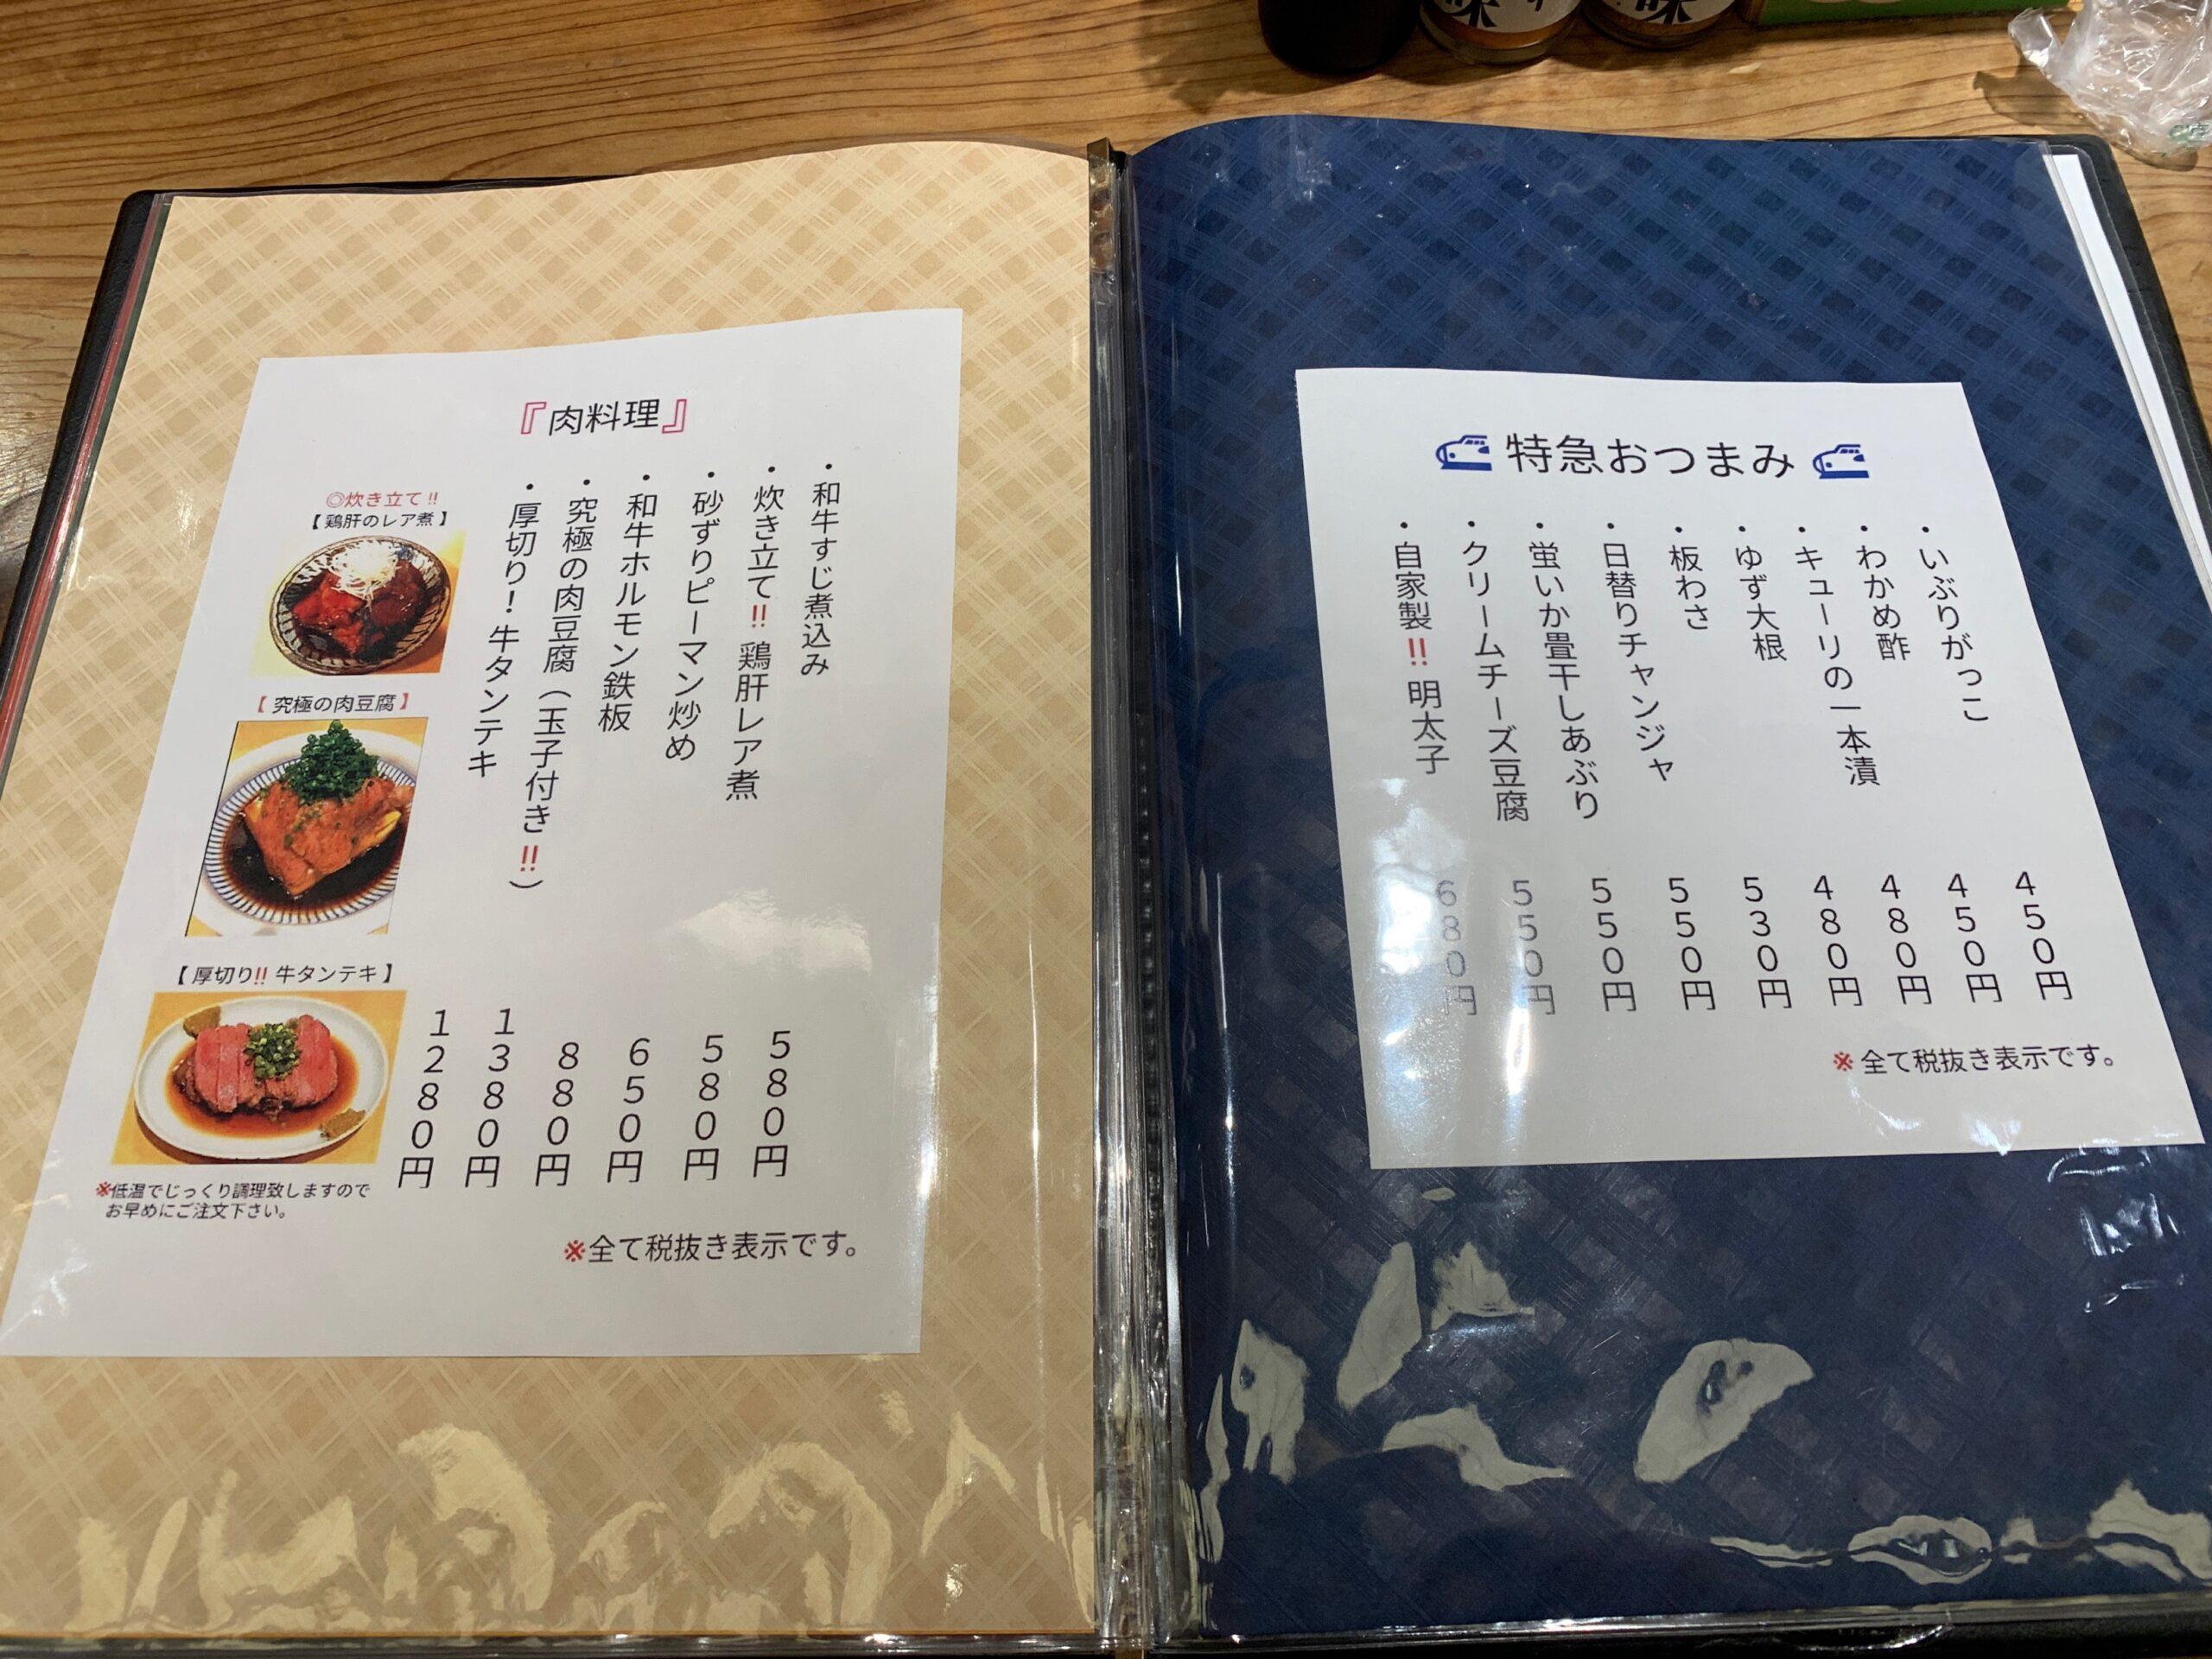 二◯加屋長介(にわかやちょうすけ)の肉料理と特急おつまみ